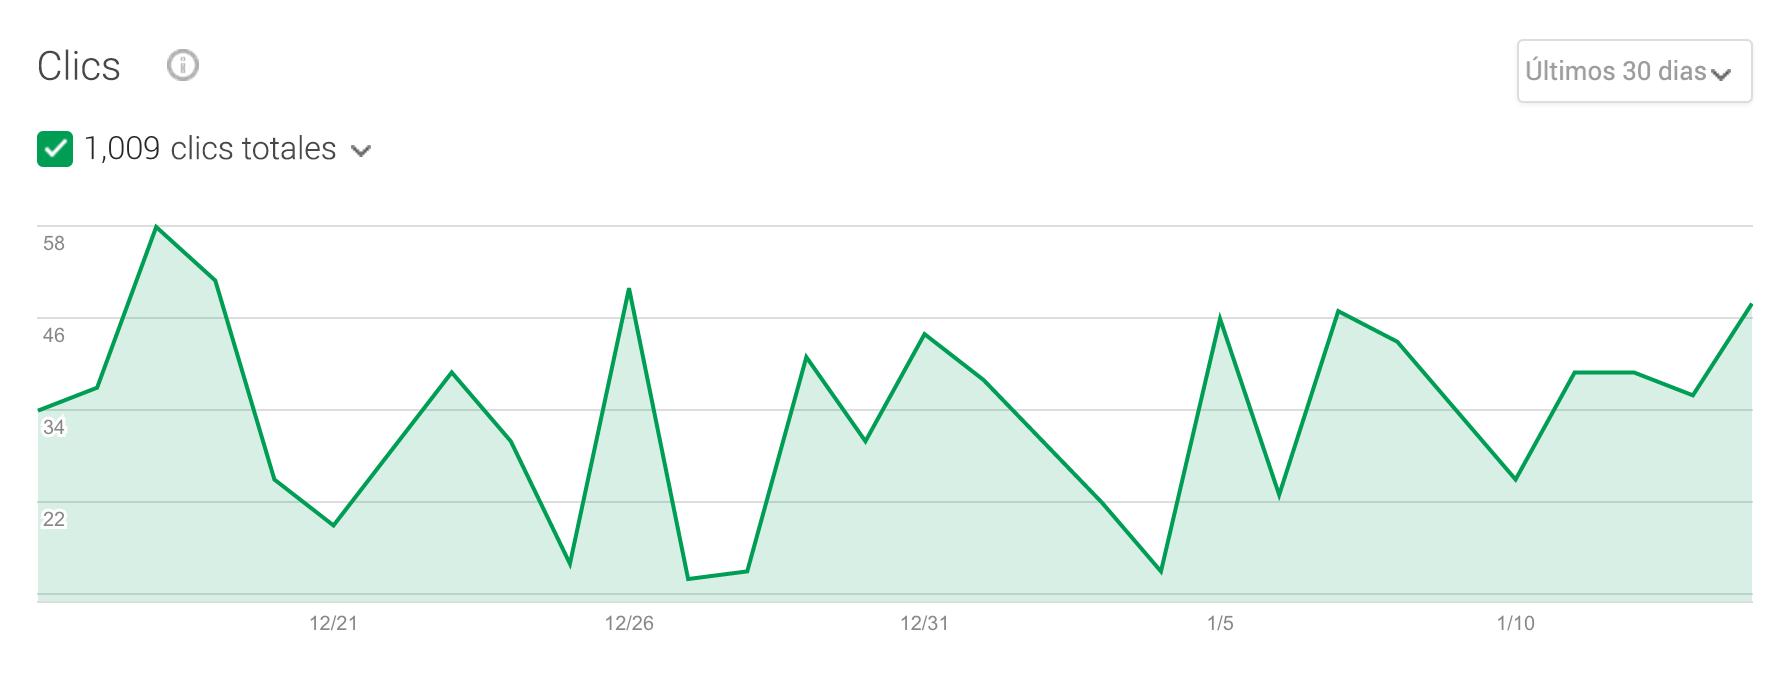 Gráfico estadístico de clics locales en google my business